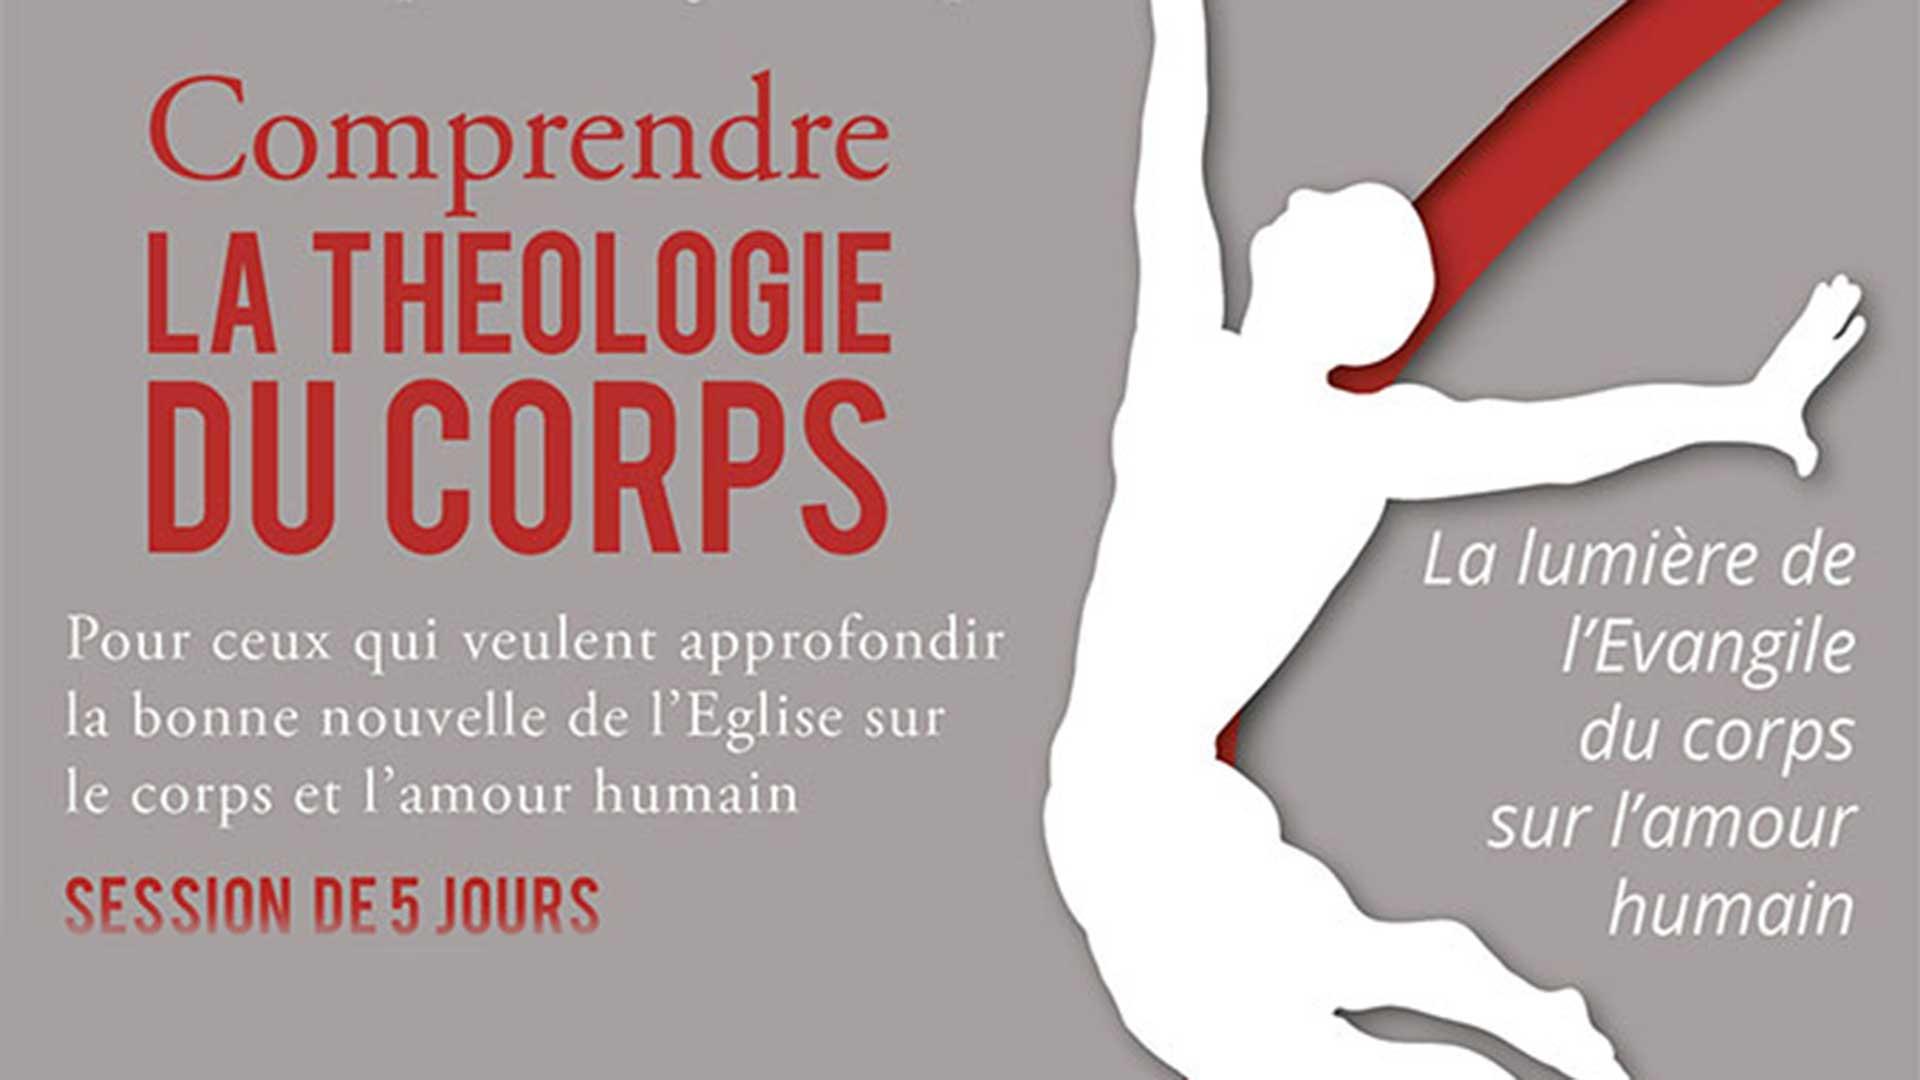 Session «Comprendre la théologie du corps» (TDC)